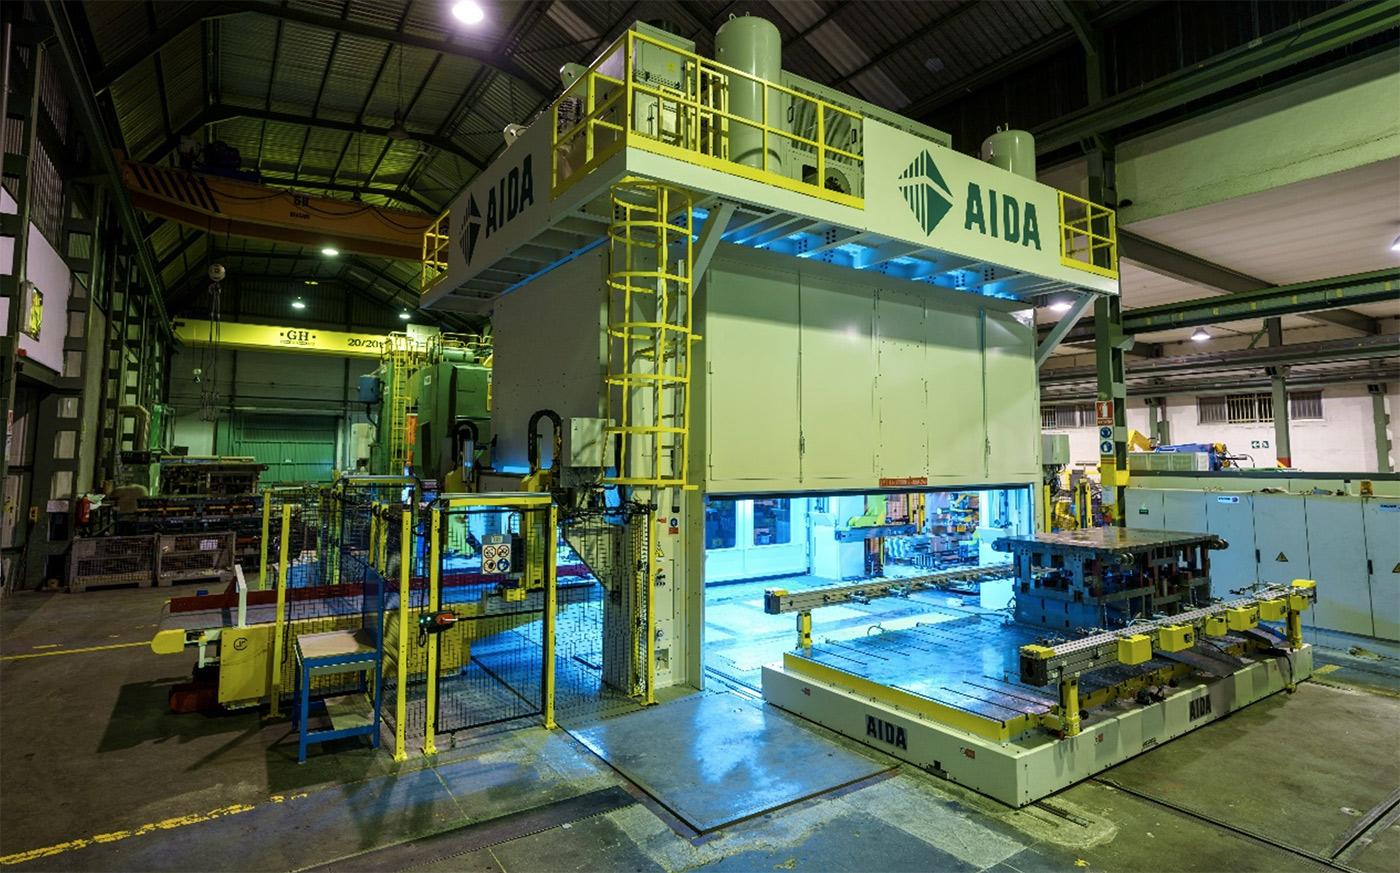 Einweihung der neuen Presse AIDA von 1250 Tonnen EISA